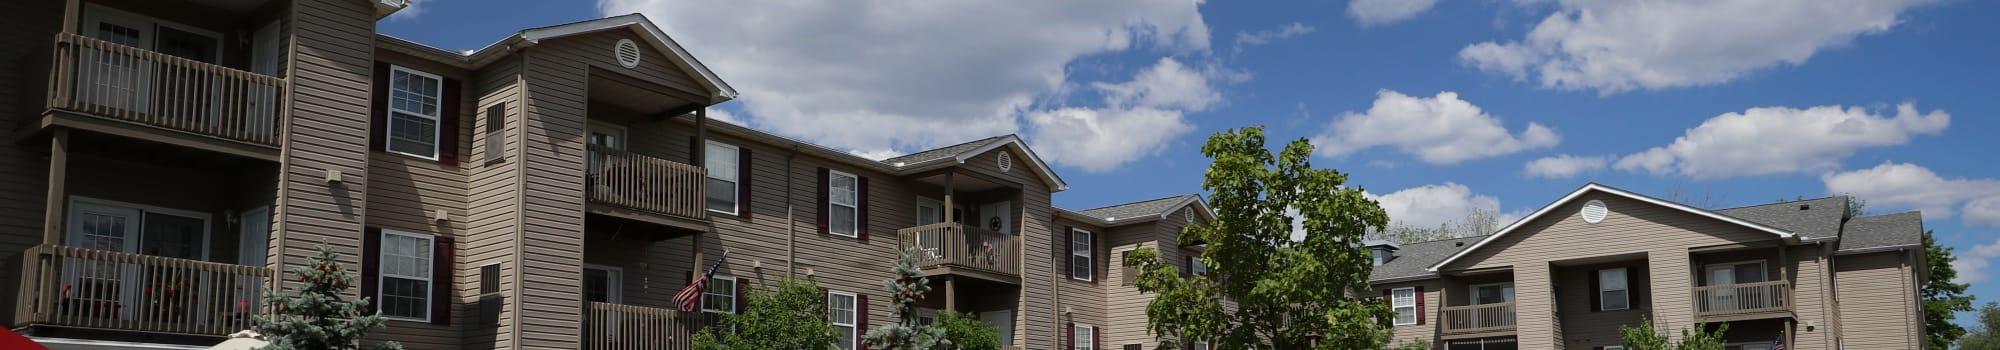 Apartments in Getzville